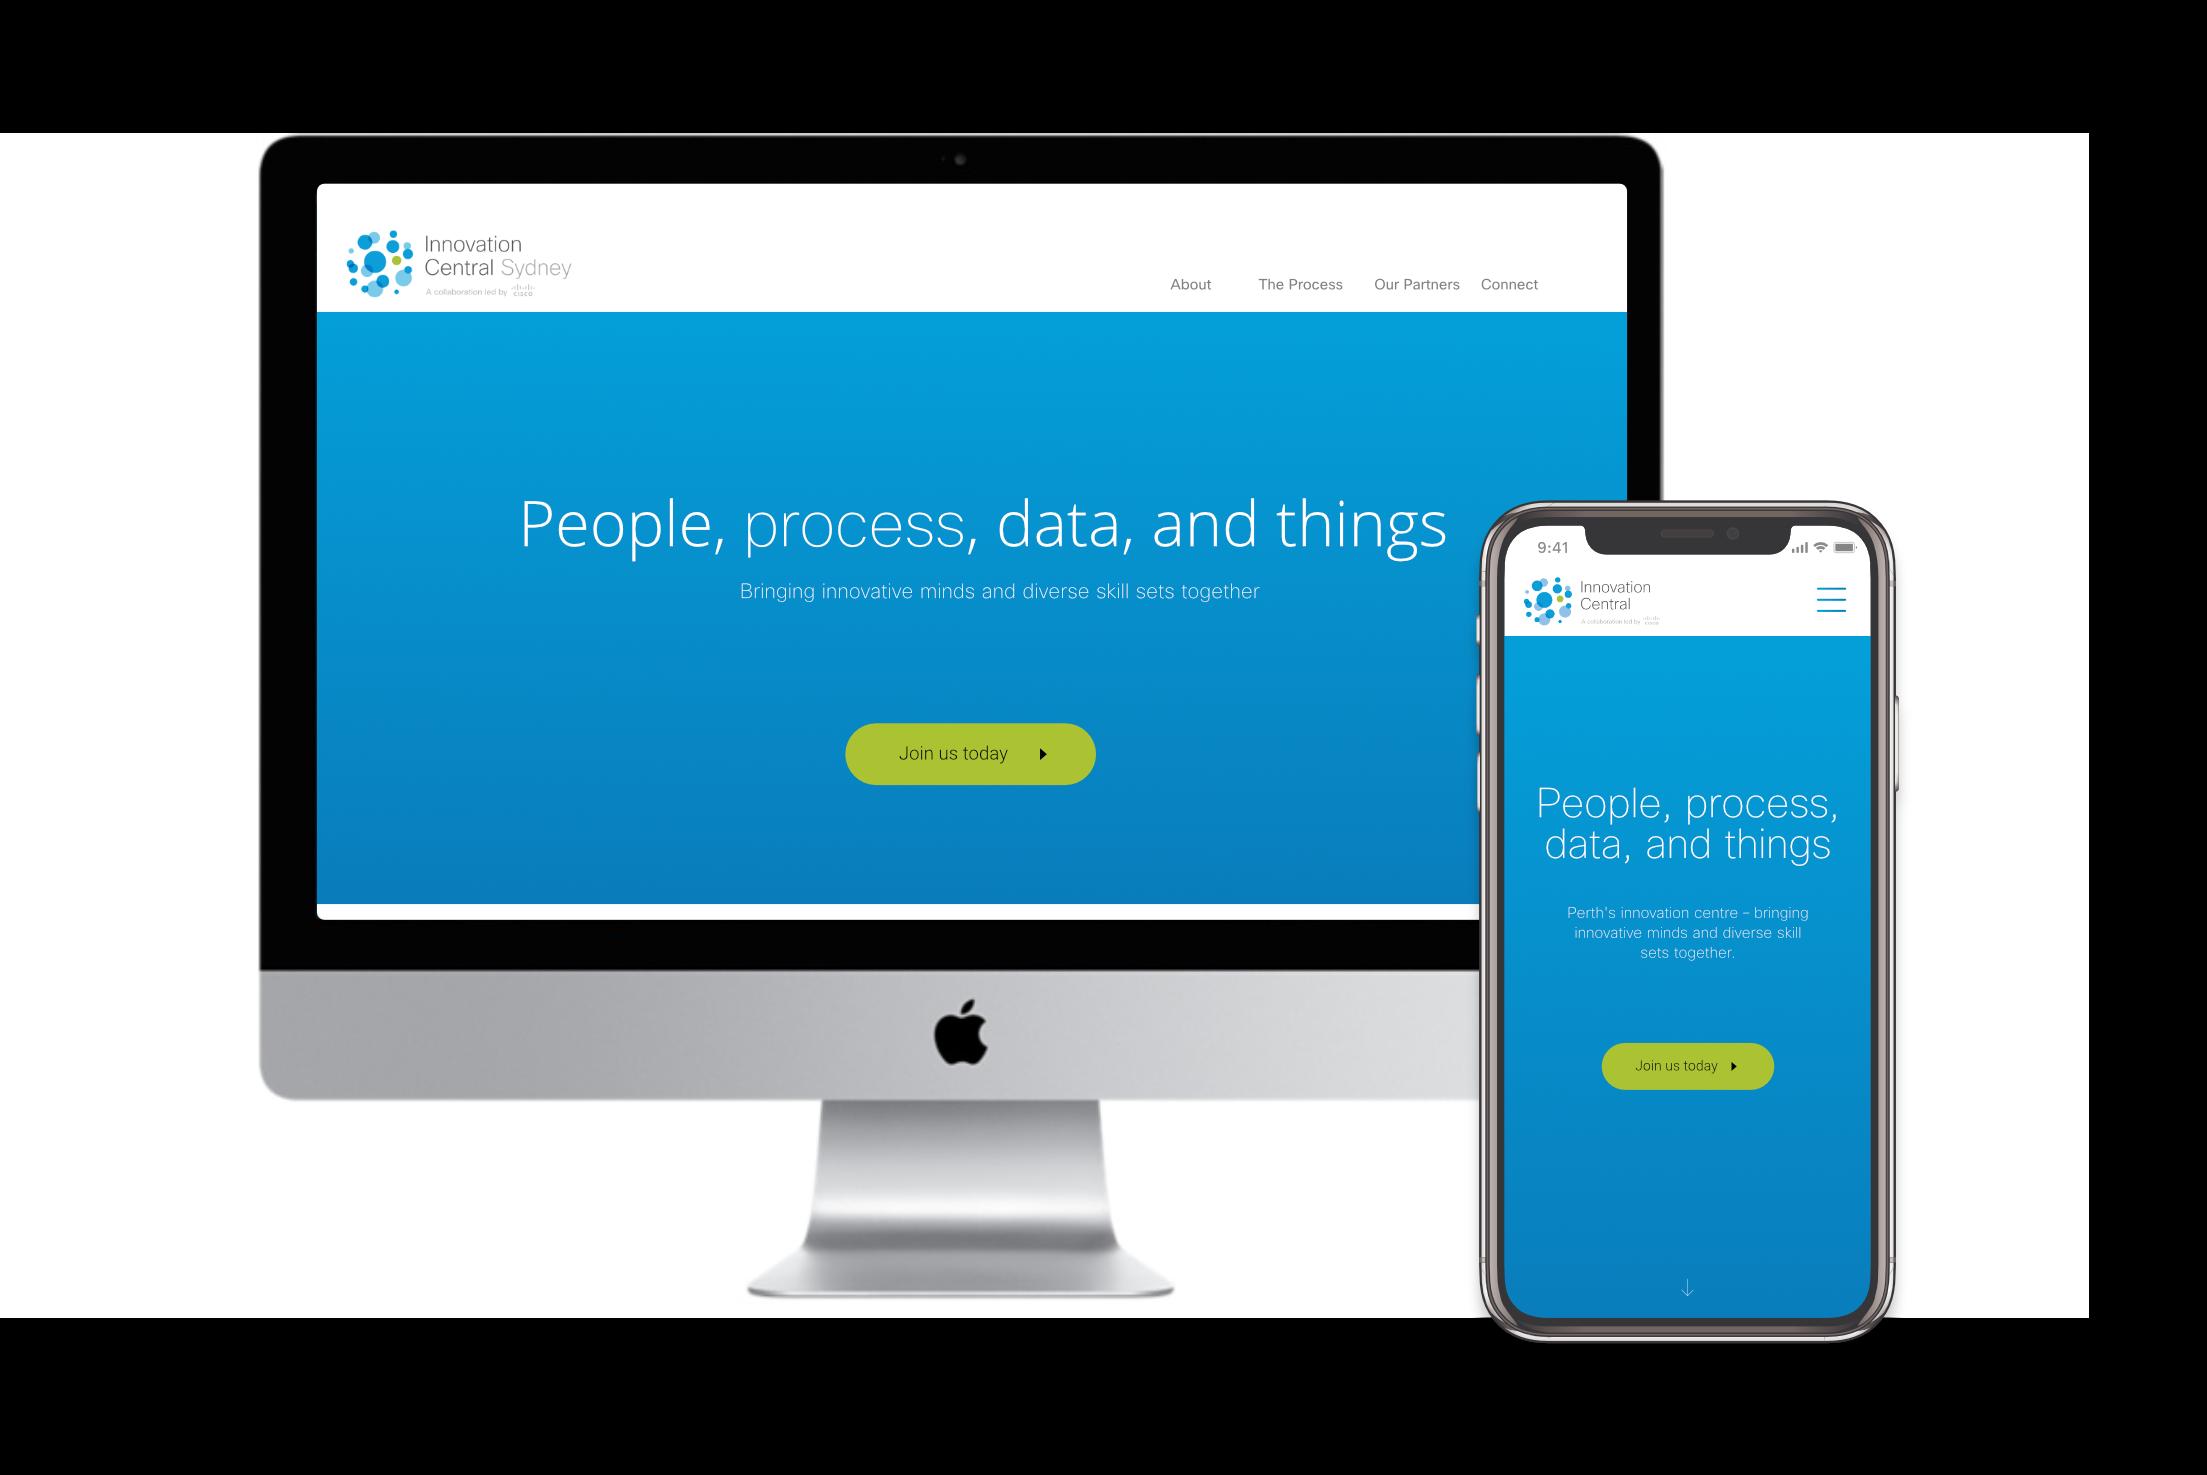 Innovation Central Sydney homepage design on desktop and mobile